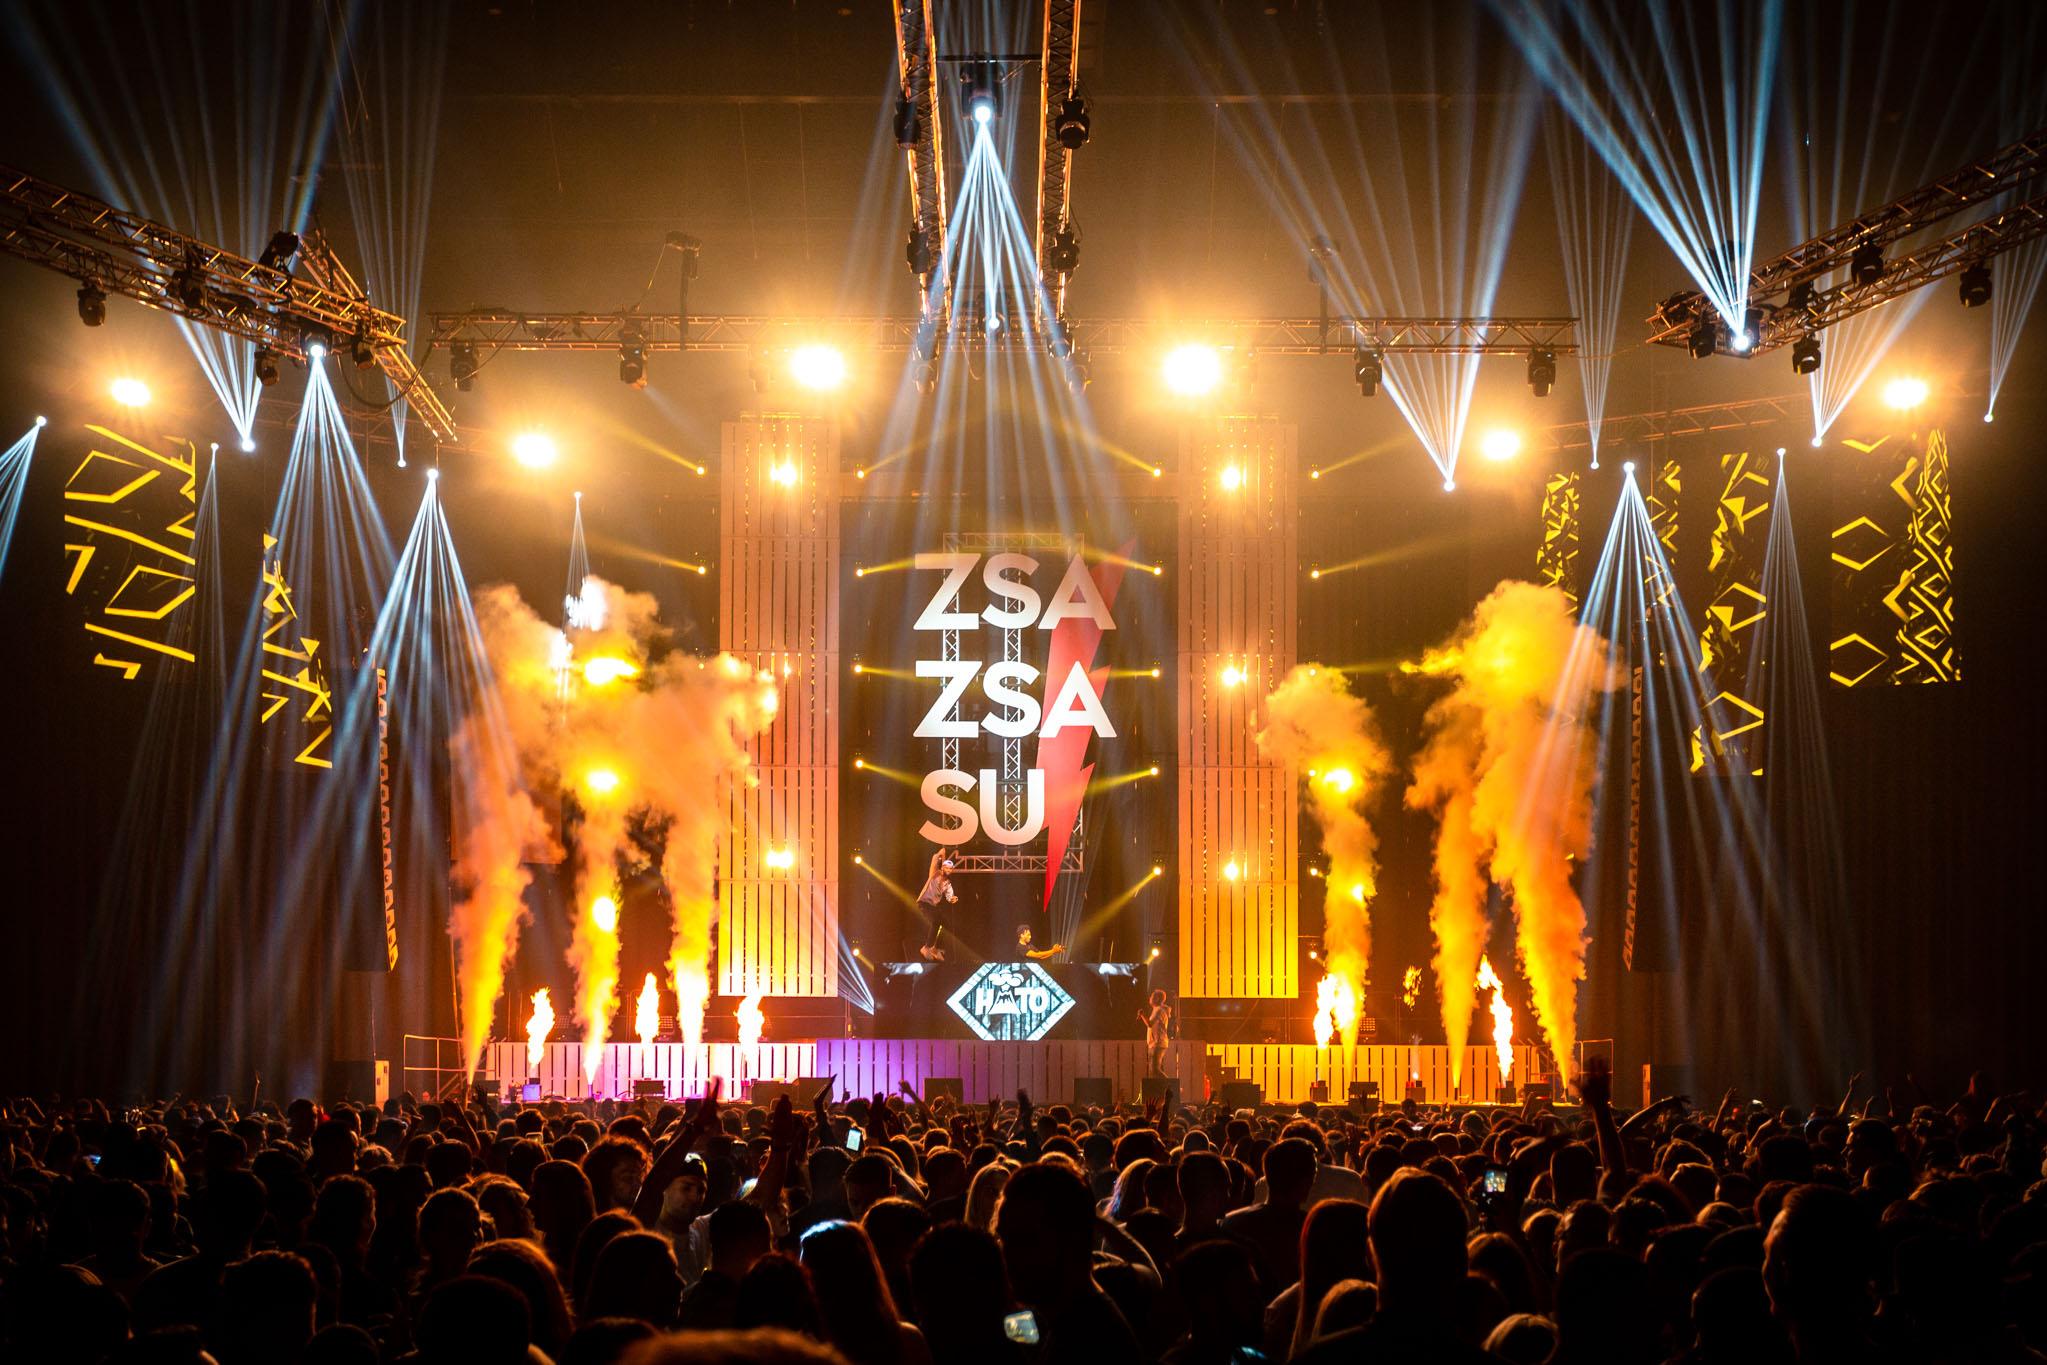 Zsa Zsa Su Amsterdam Afas Evenement Fotograaf Shot By Sylla 42